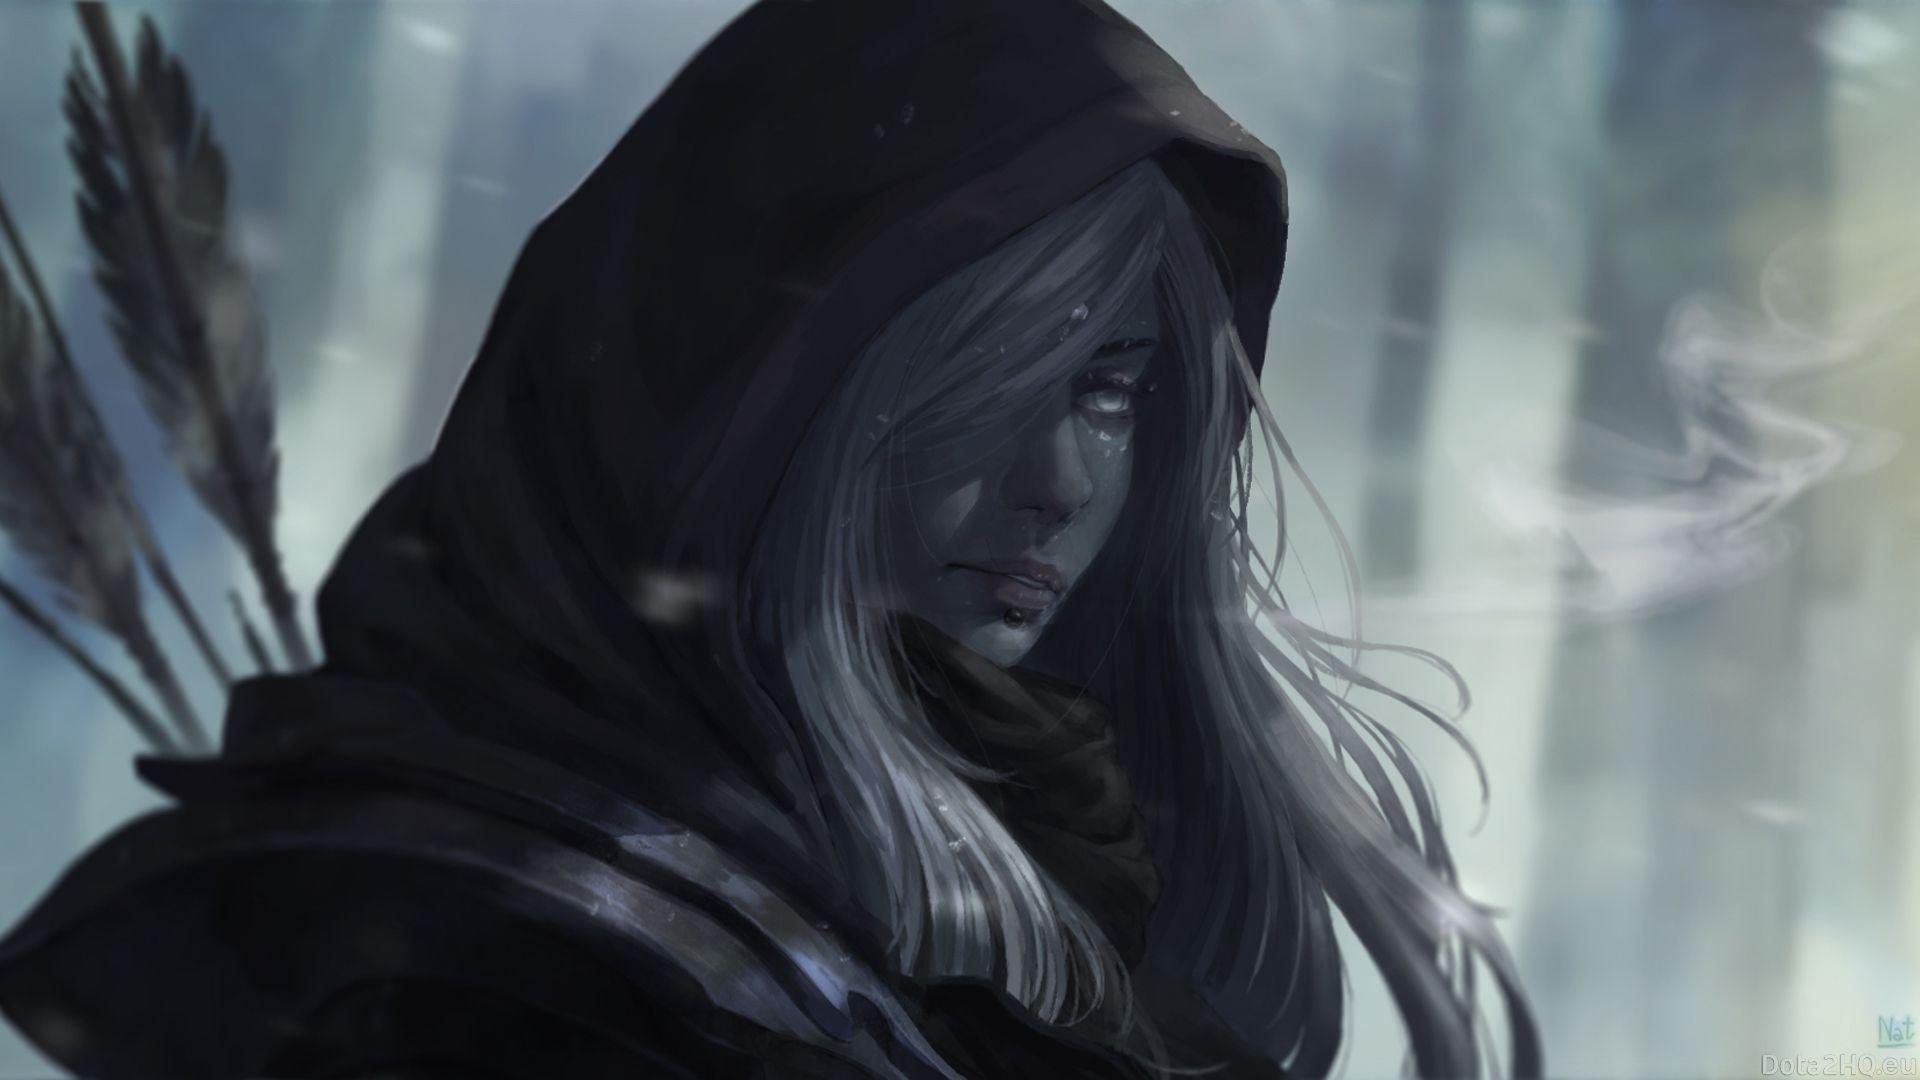 Image Result For Dota 2 Drow Ranger Wallpaper Hd Dark Elf